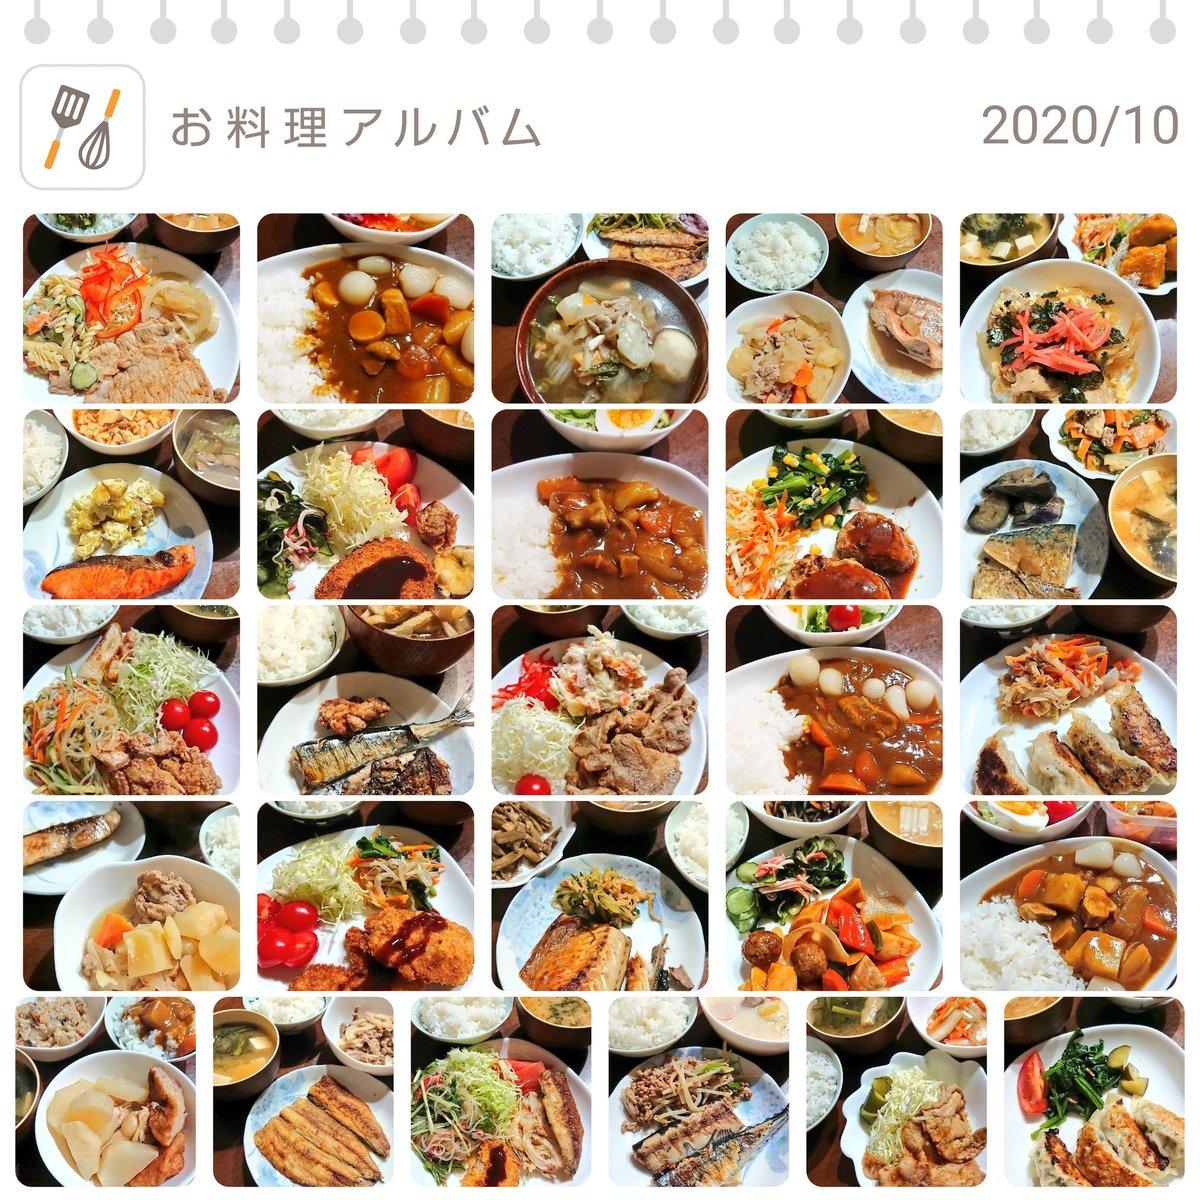 10月も頑張りました(ノ^∇^)ノ✨10月のお料理アルバム